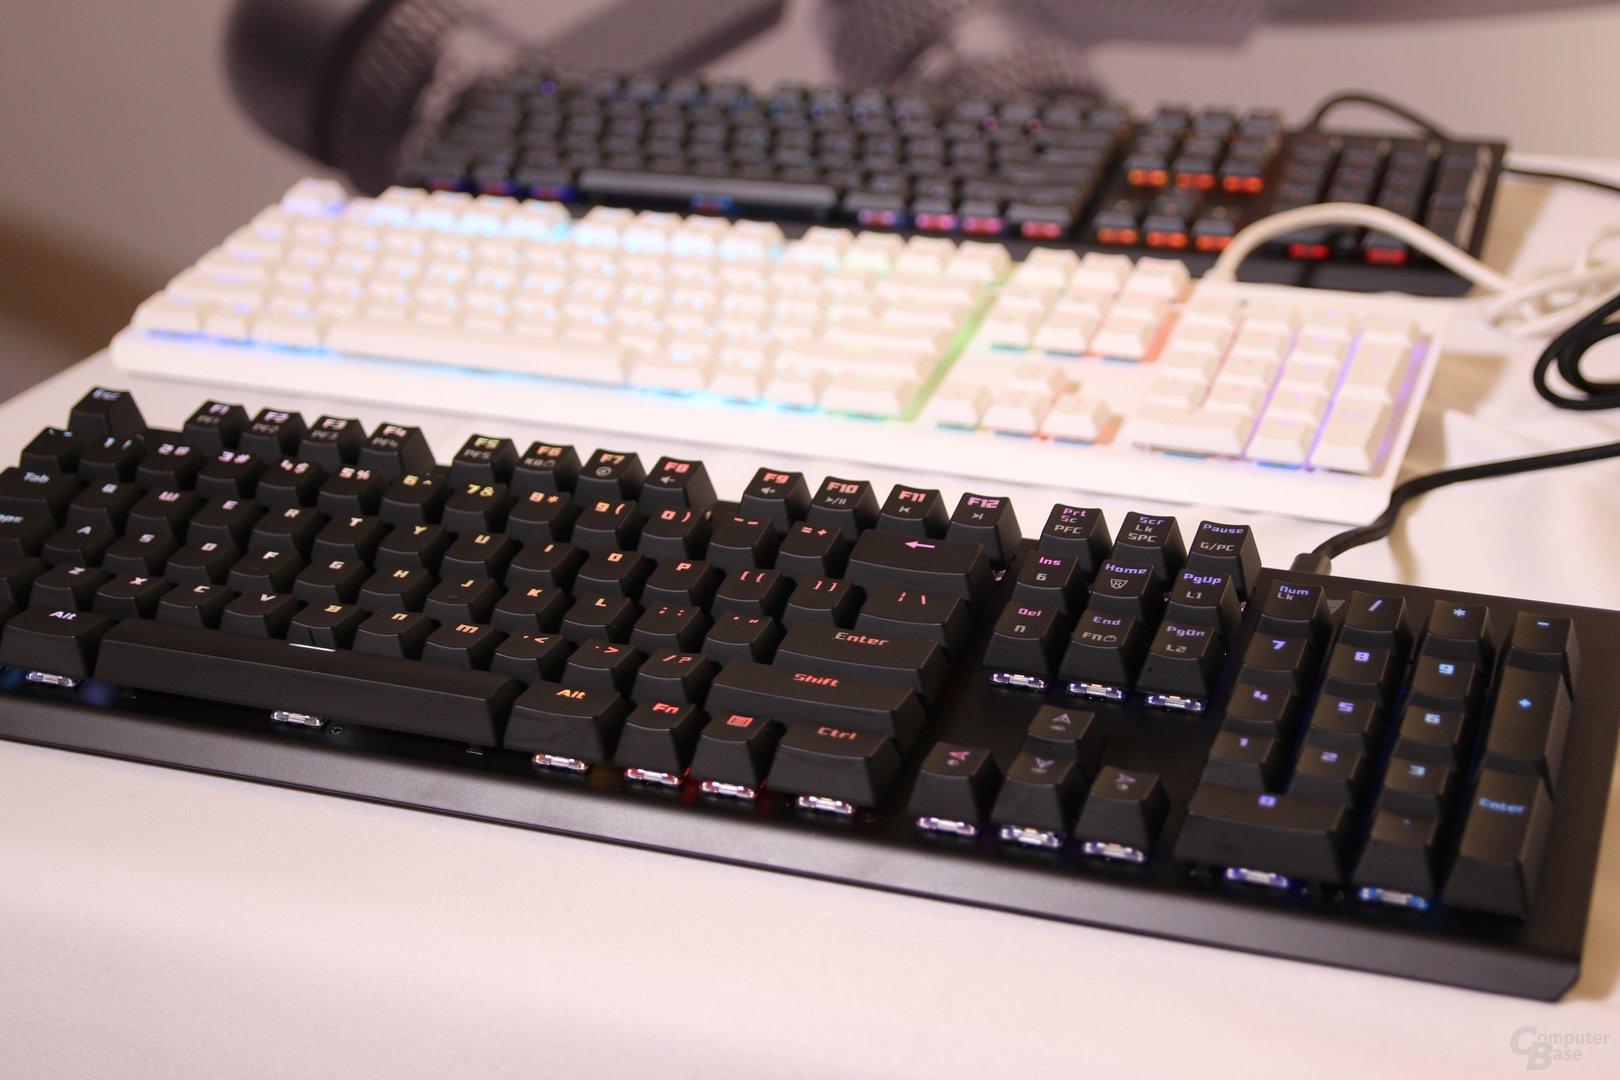 Tesoro GRAM SE Spectrum Optical Gaming Keyboard